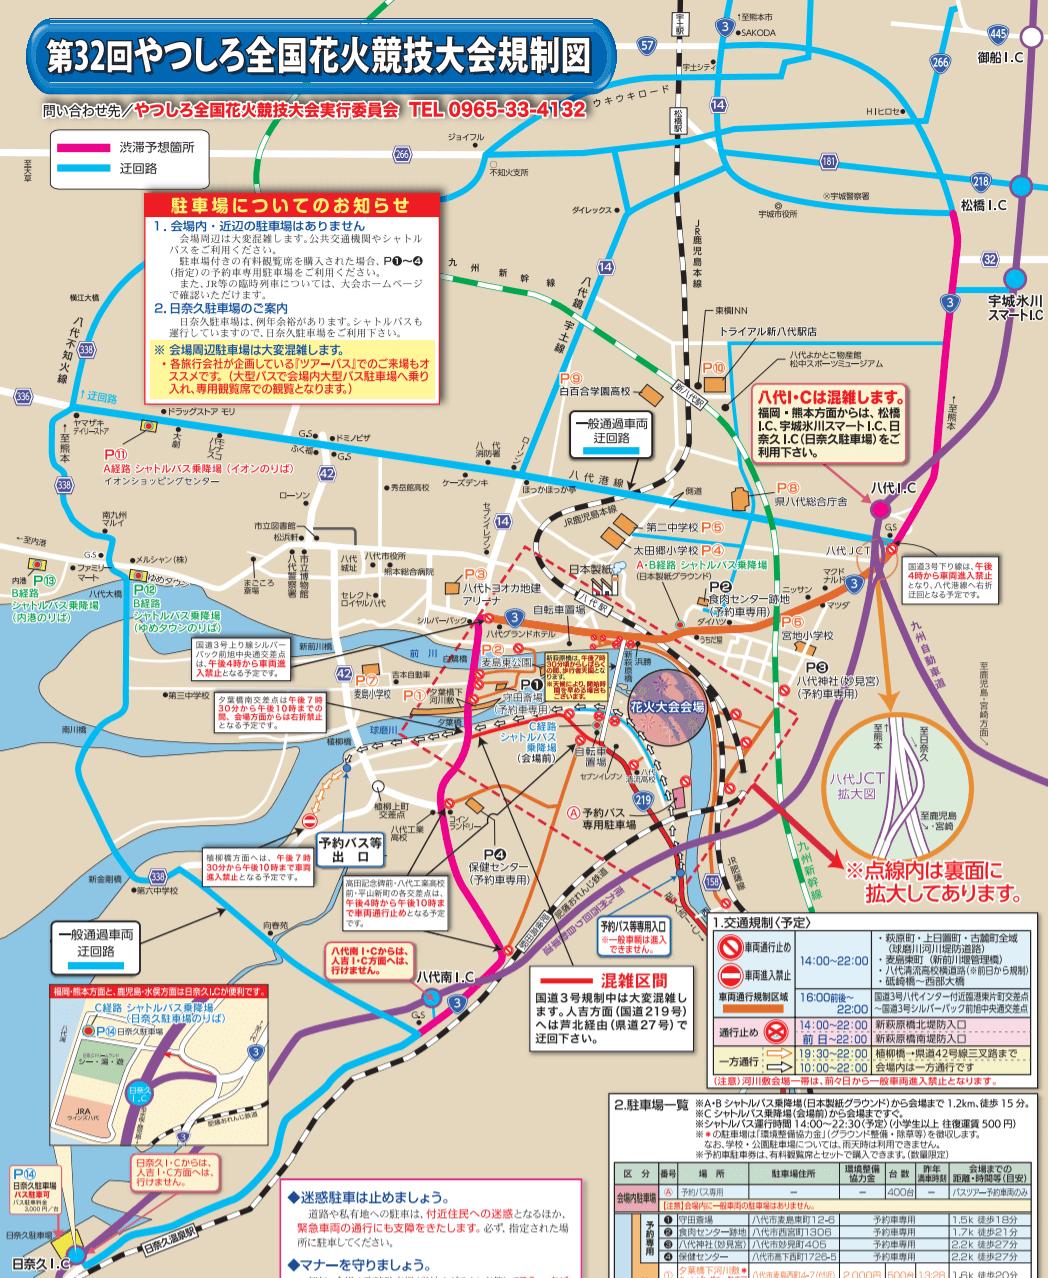 やつしろ花火大会 交通規制 地図